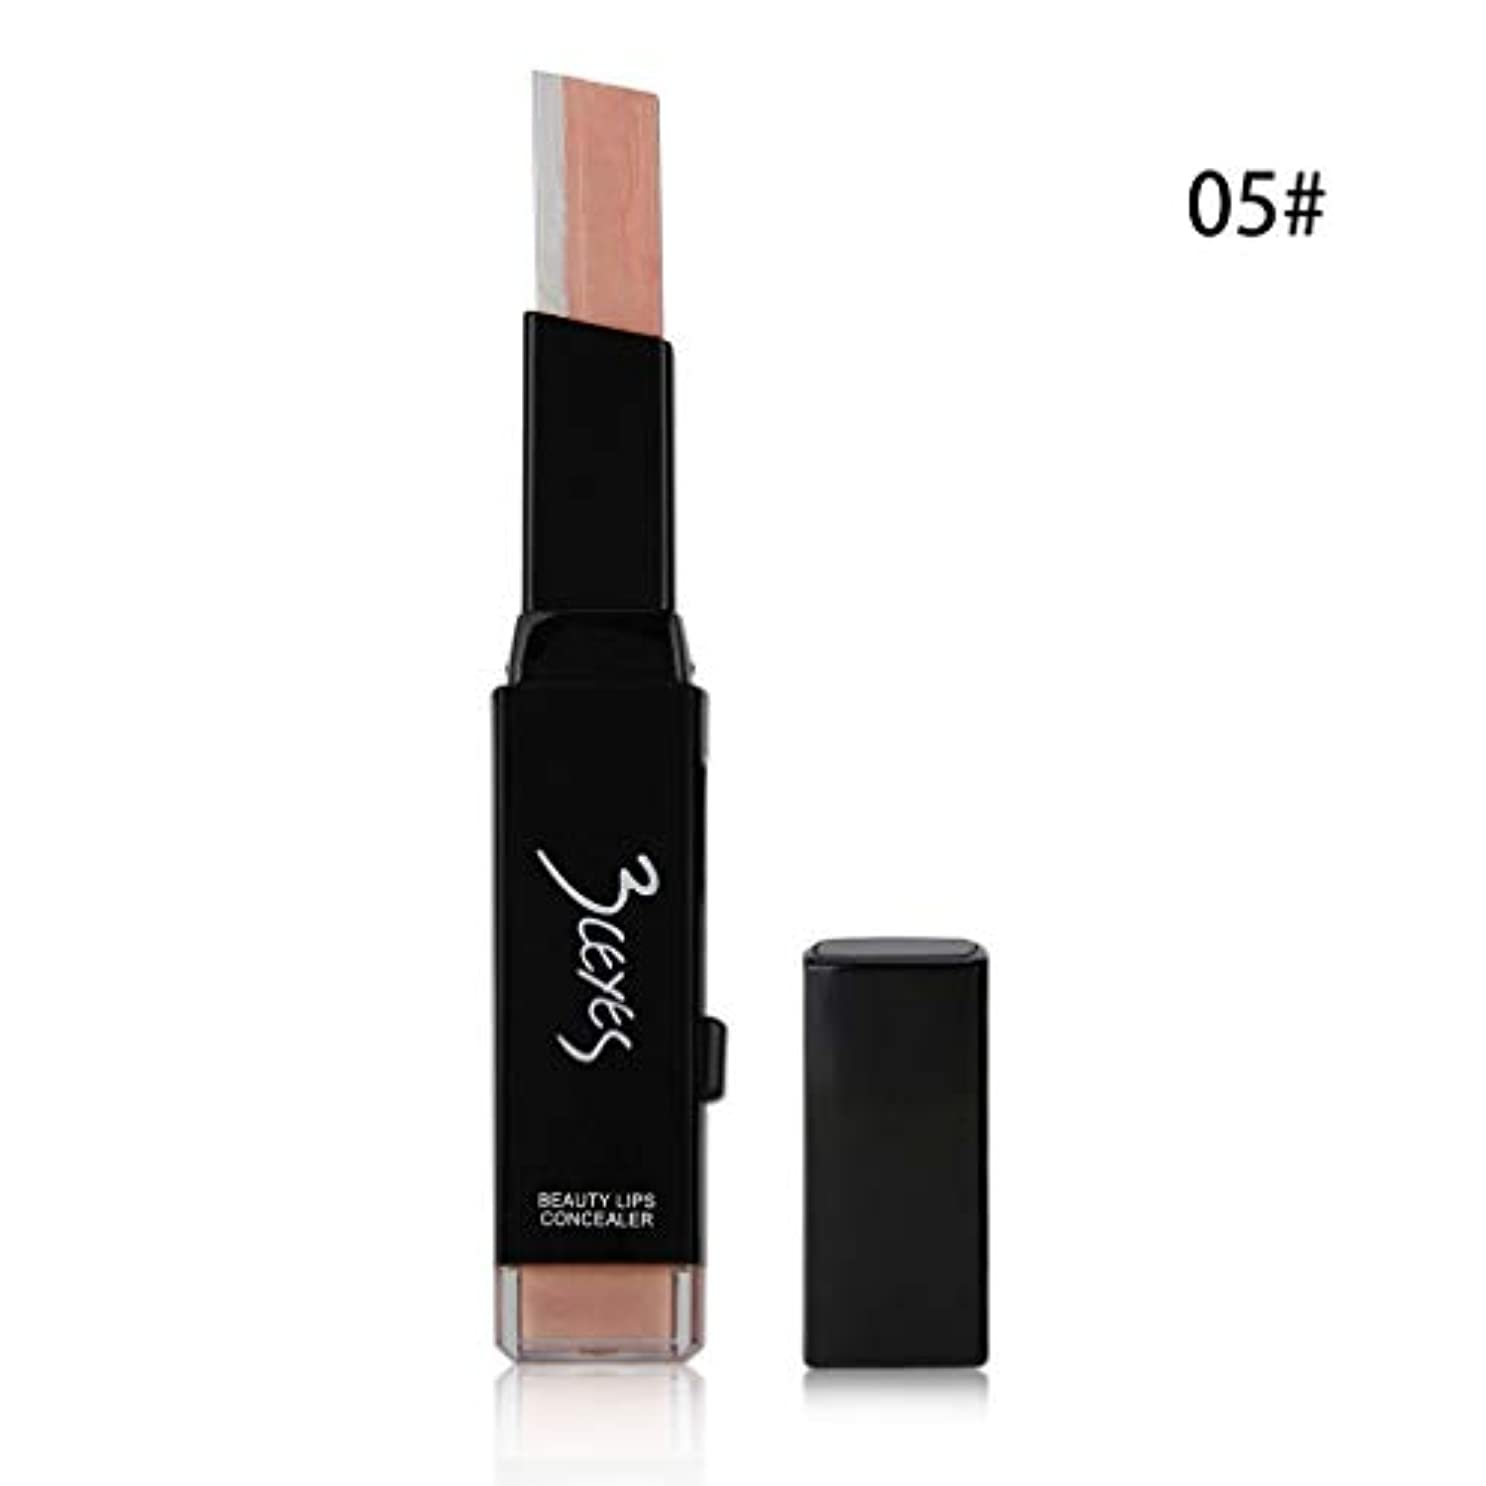 説得力のある彼らのもの振動する3CEYESダブルカラーは女性の化粧品メイクアップアイシャドウロング防水アイシャドウアイクリームペンラスティング